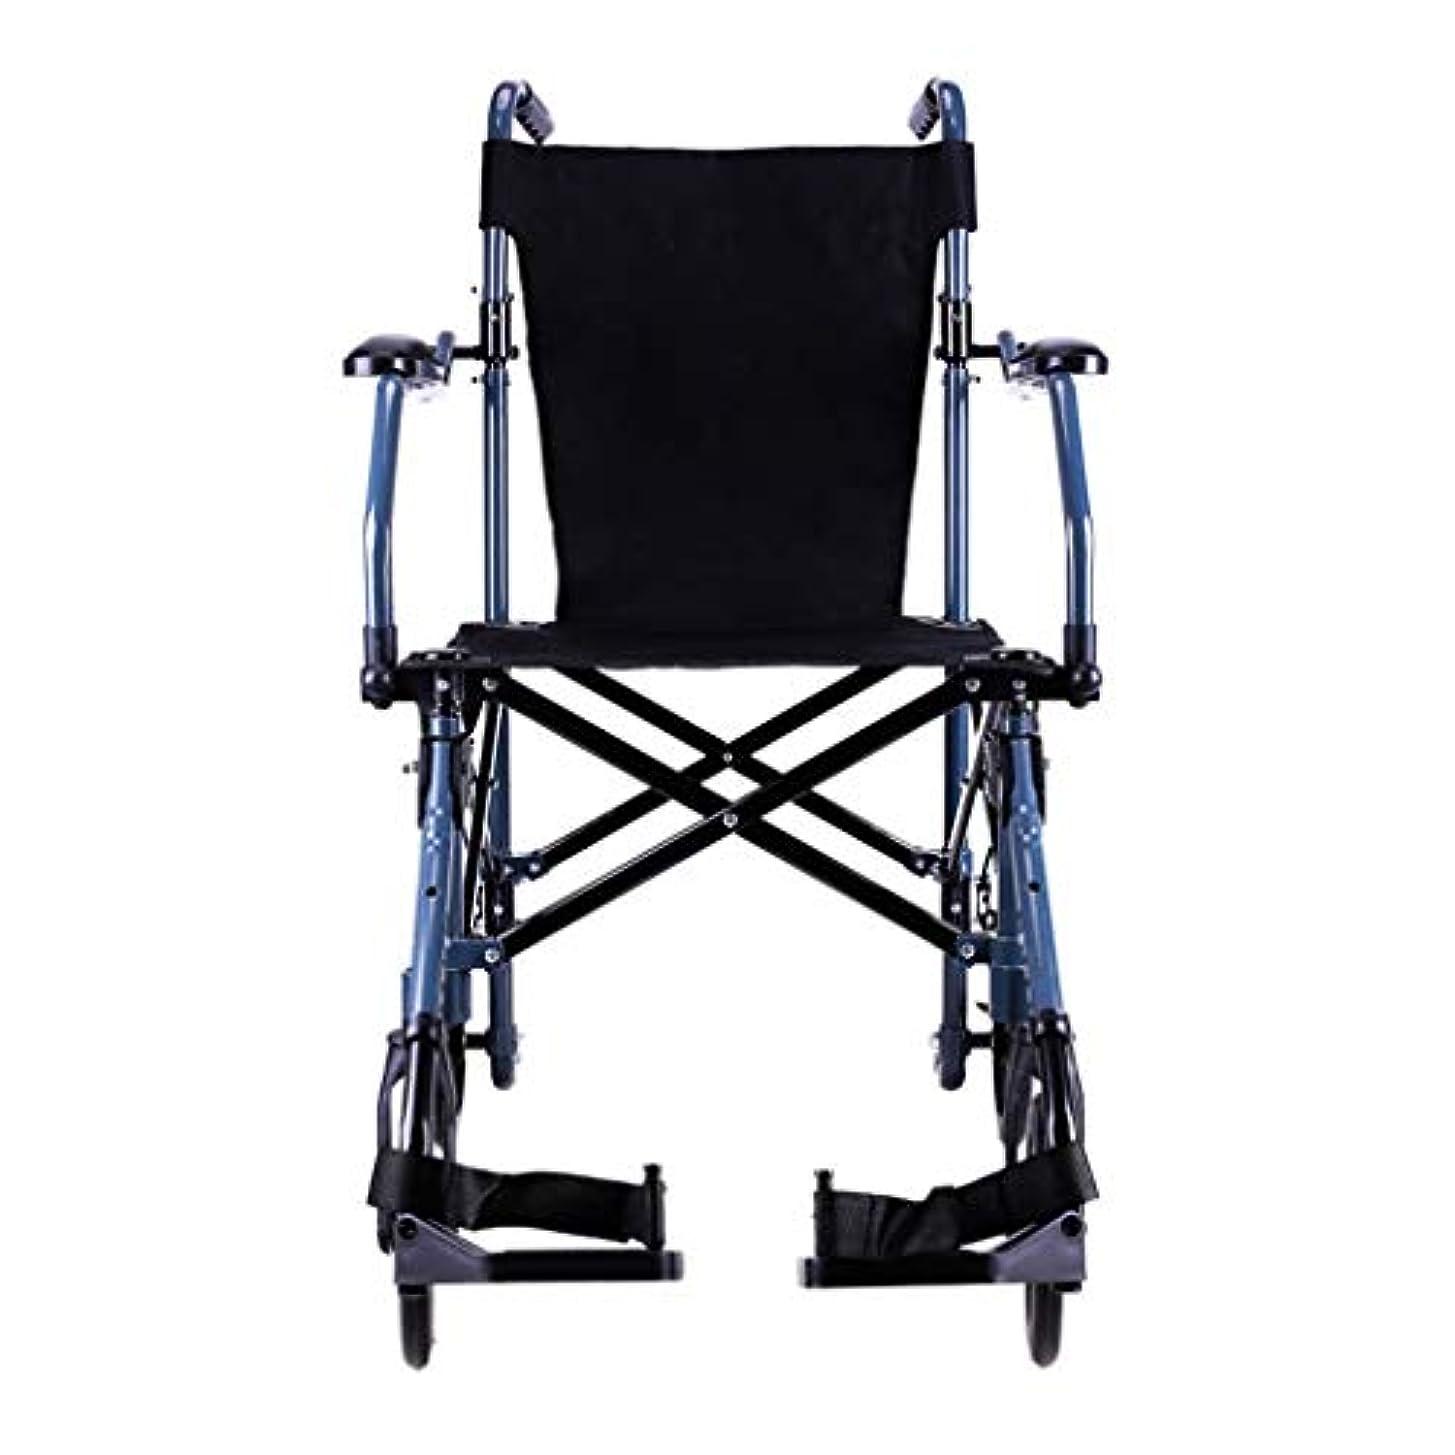 プラットフォームますます他のバンドで車椅子折りたたみポータブル旅行、高齢者、身体障害者用屋外旅行車椅子、スーツケース、飛行機などに設置可能